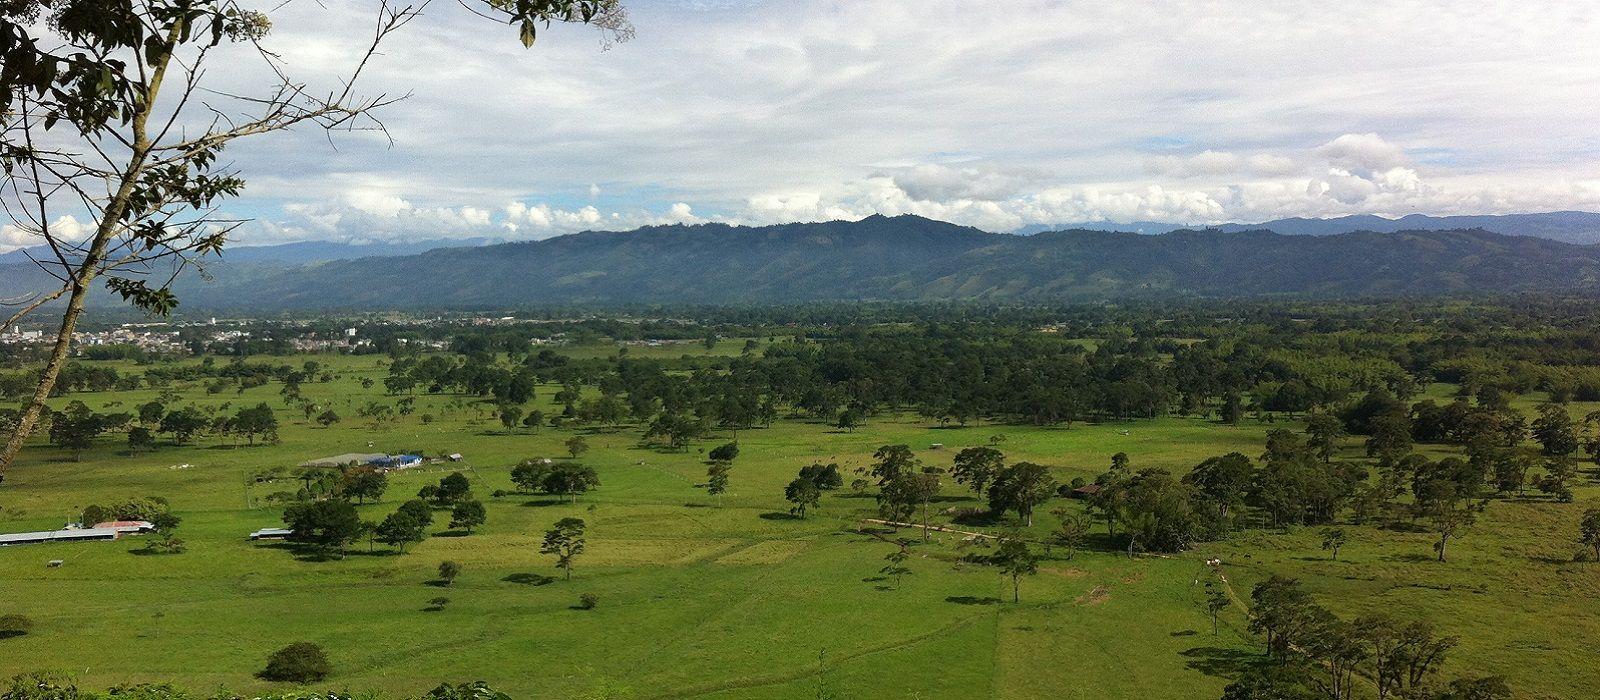 Destination Pitalito Colombia